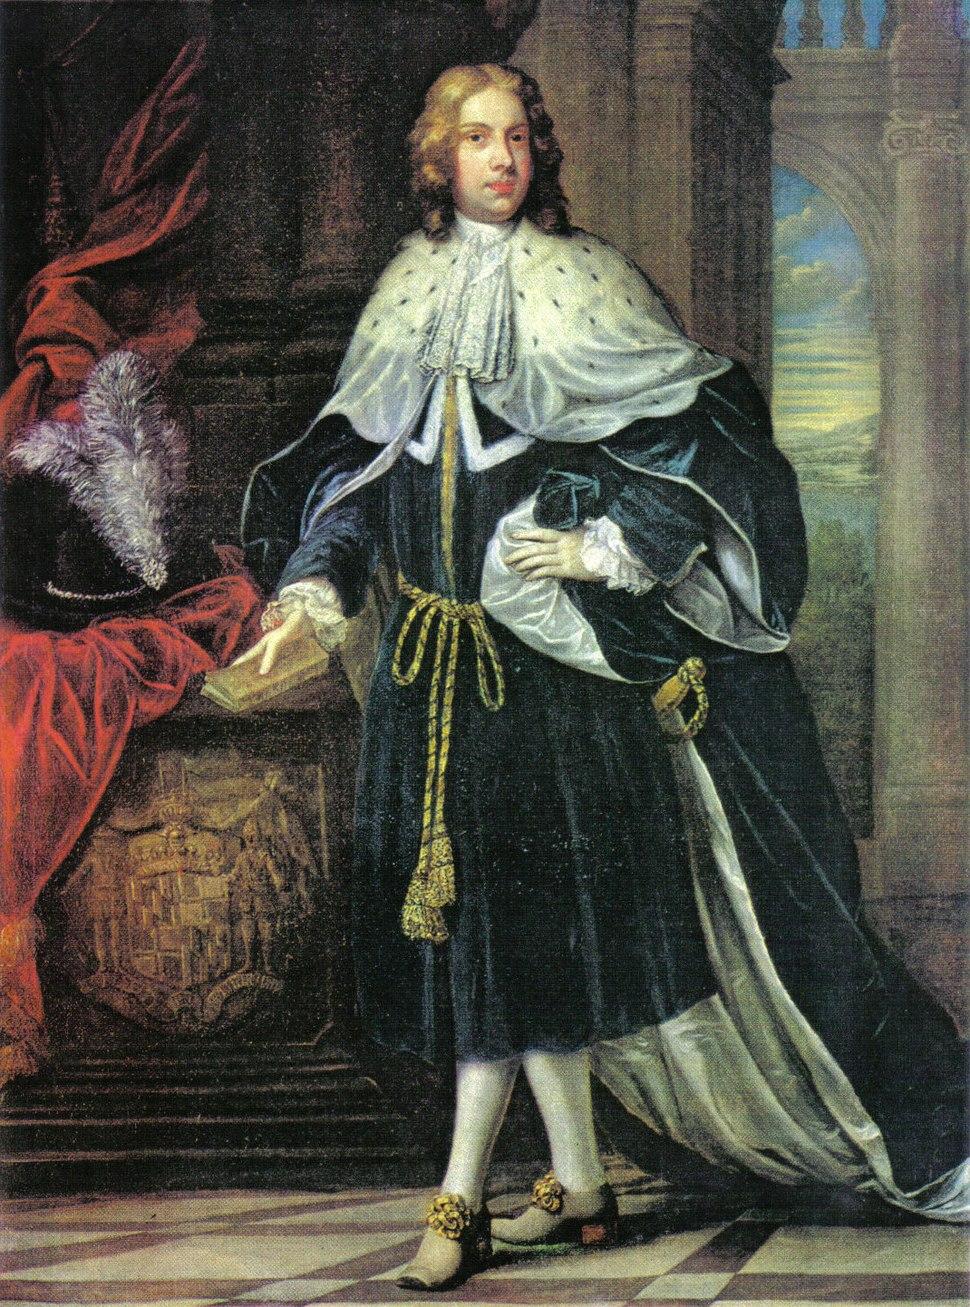 Benedict Calvert